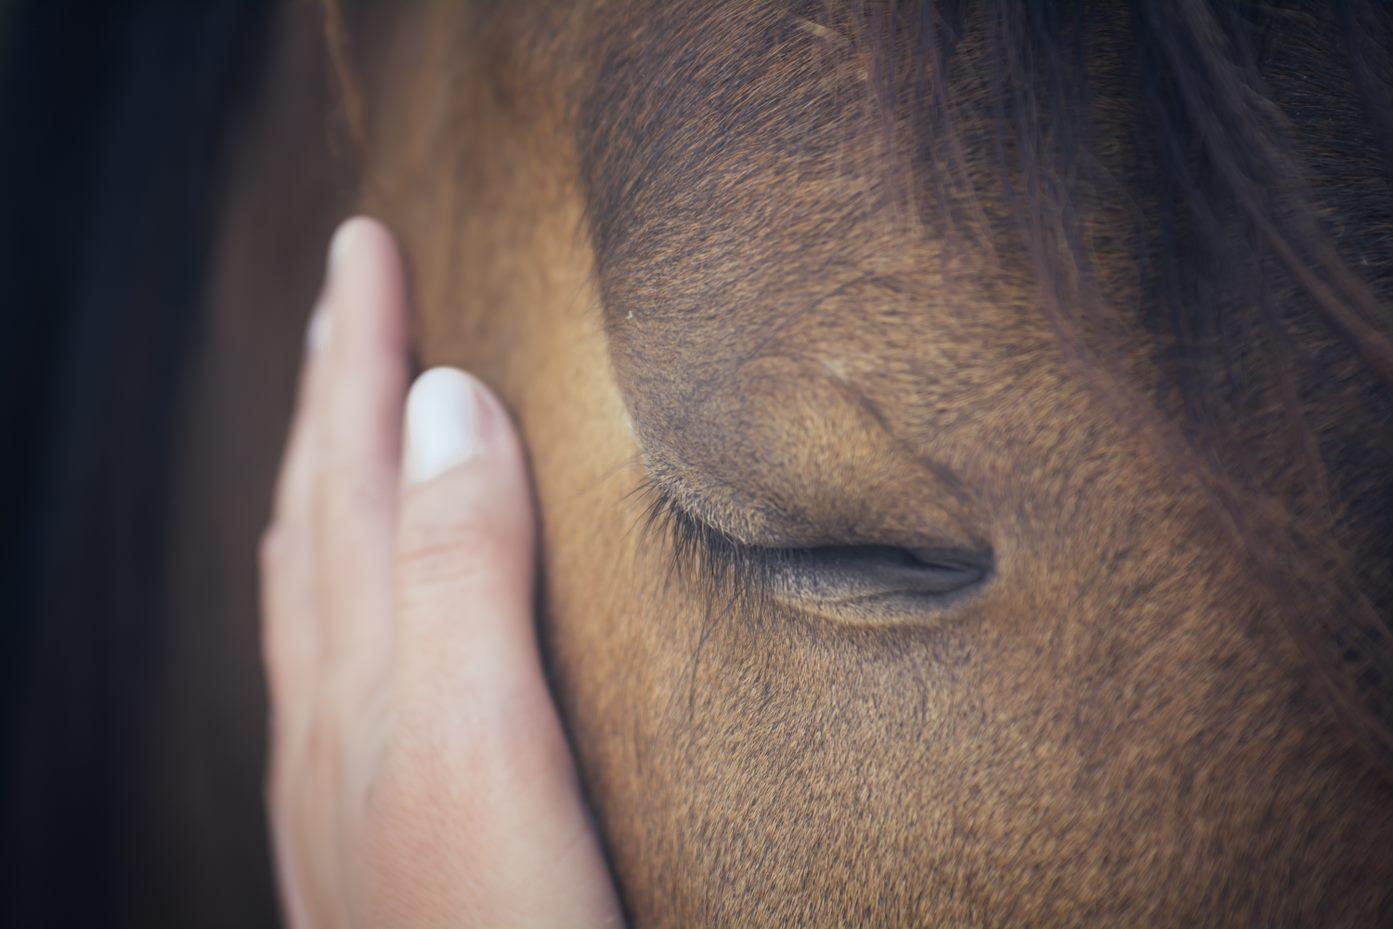 Hulp bij ongewenst gedrag en aandoeningen